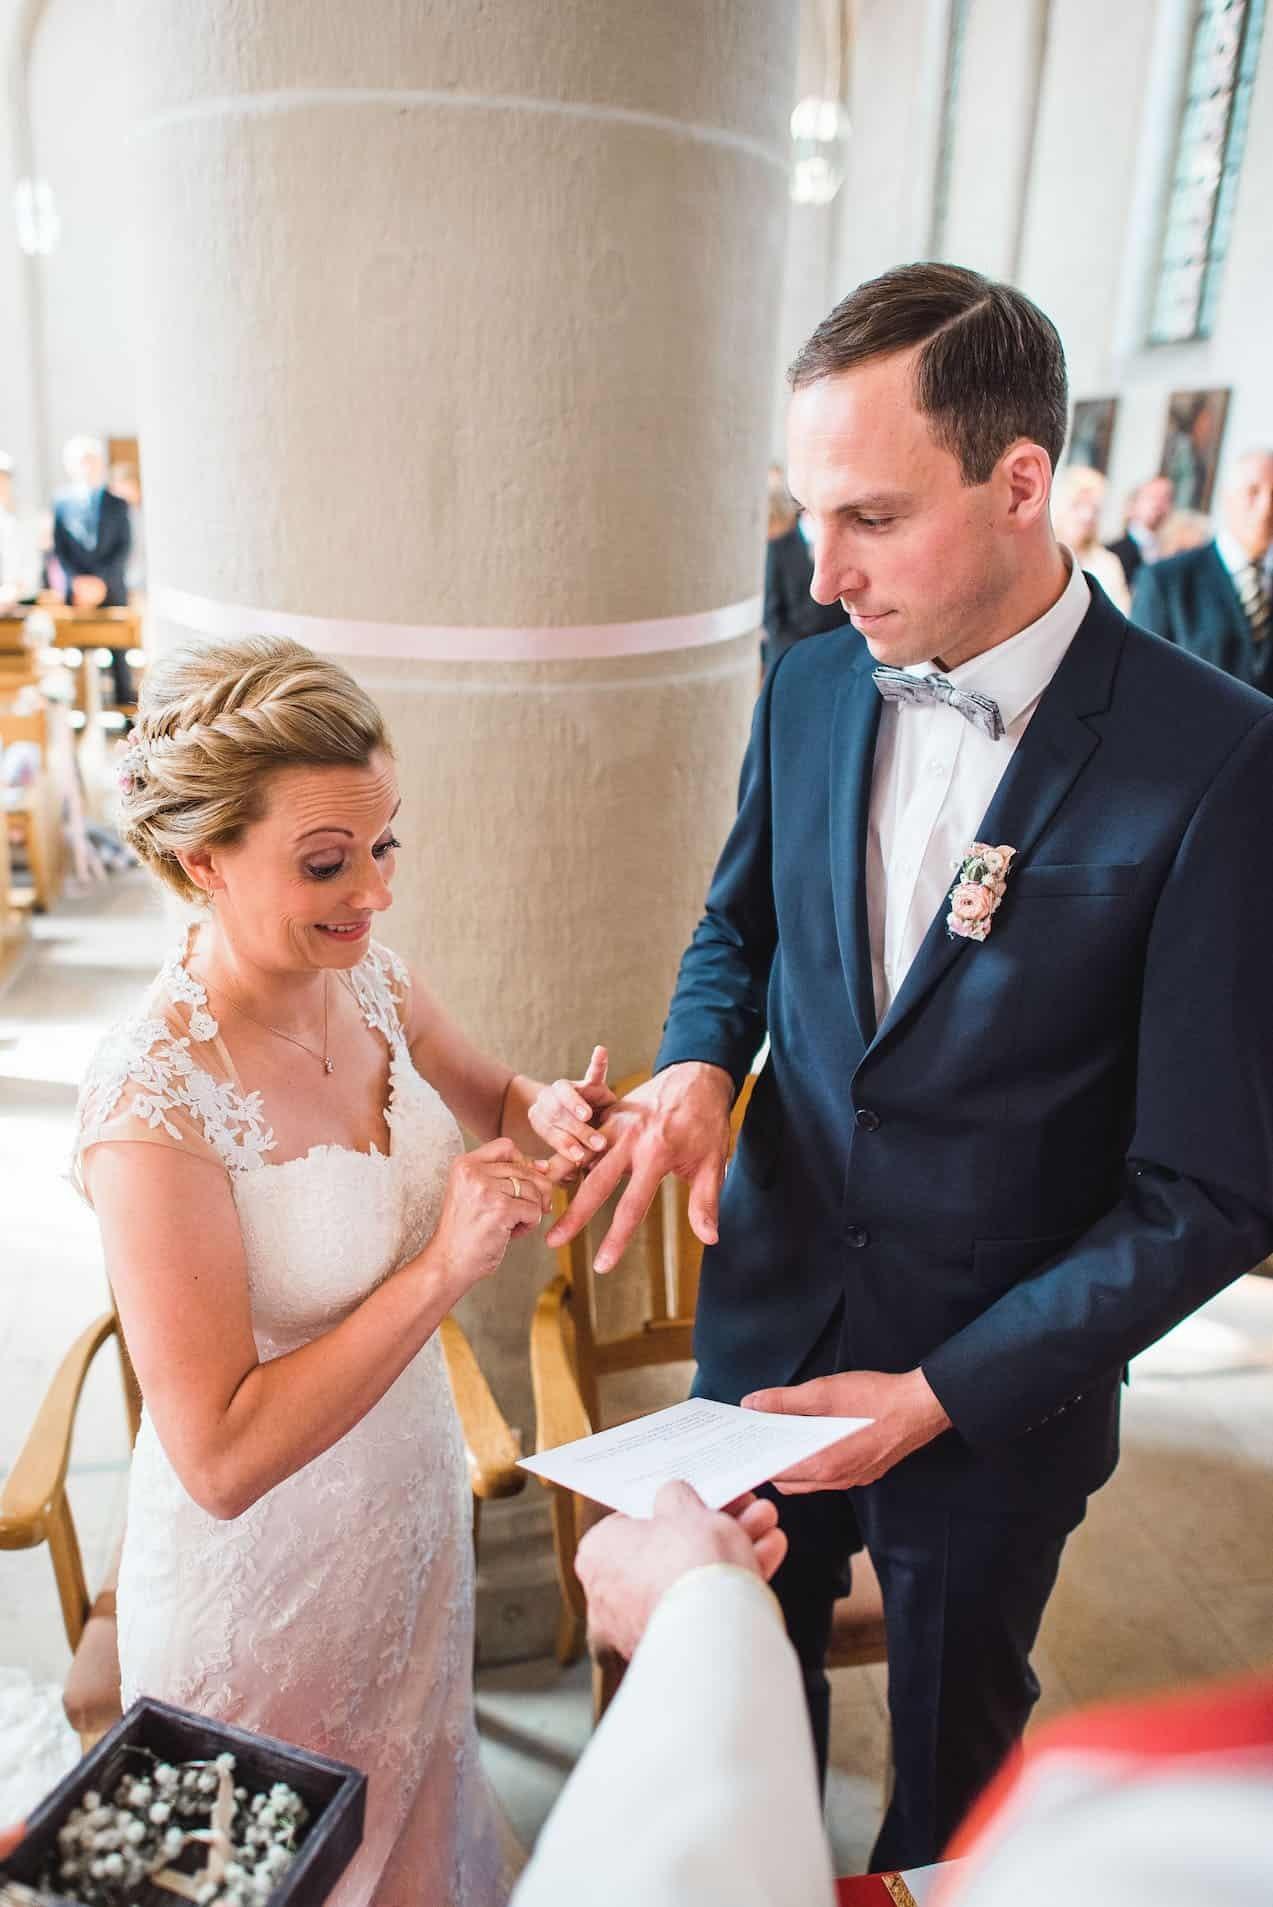 Hochzeit von Sabrina und Michael in Münster: Braut steckt dem Bräutigam den Ehering an